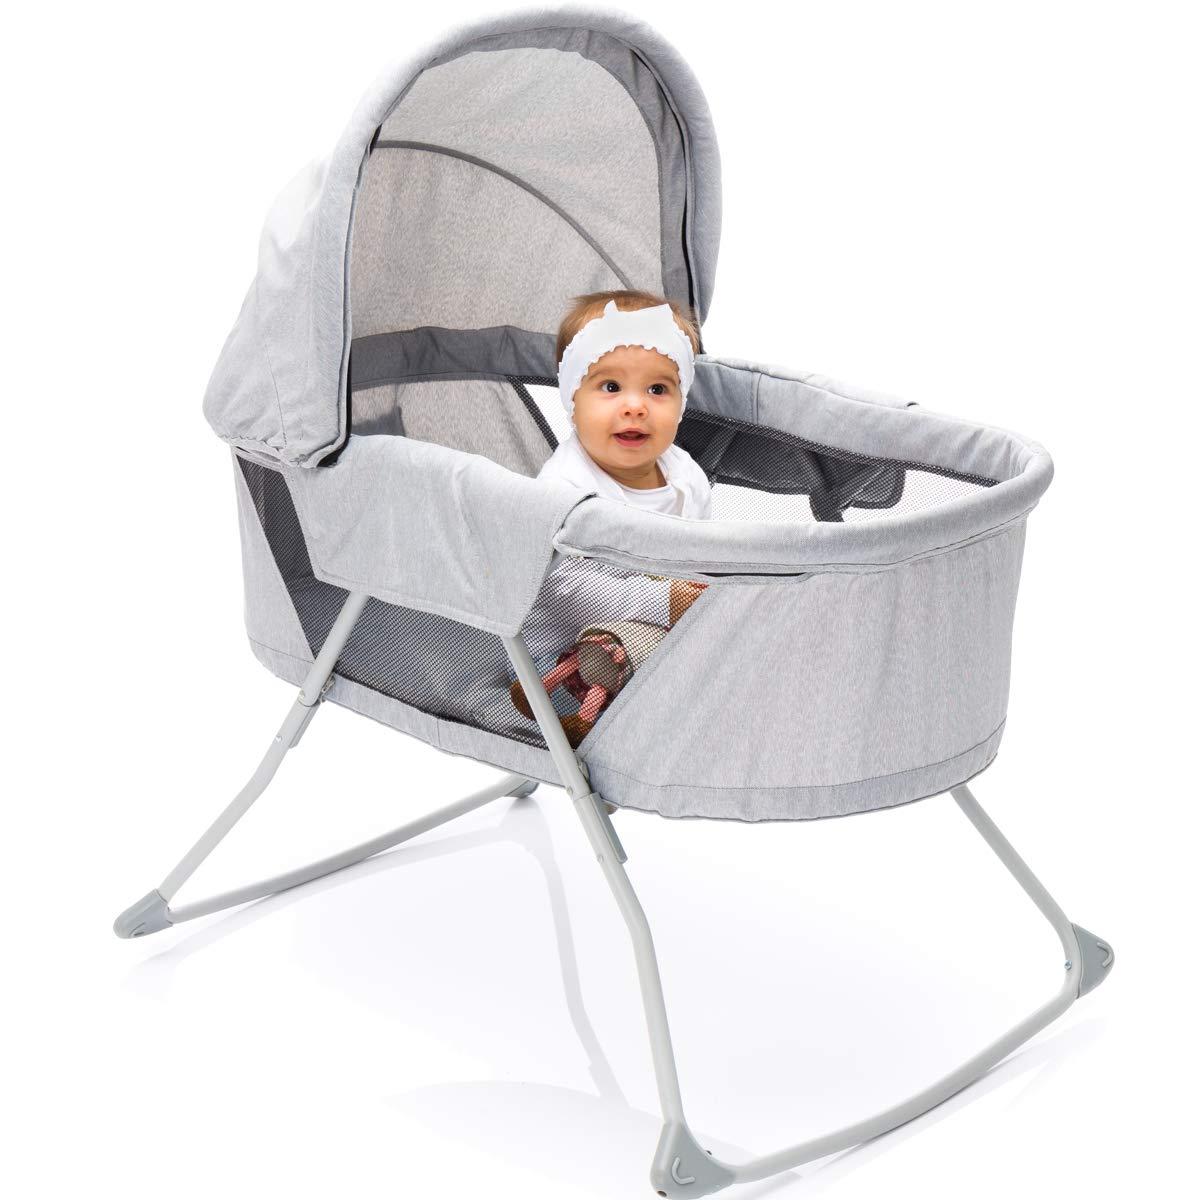 PREMIUM Babywiege Babybett mit Moskitohaube, Transporttasche und gepolsterter Matratze